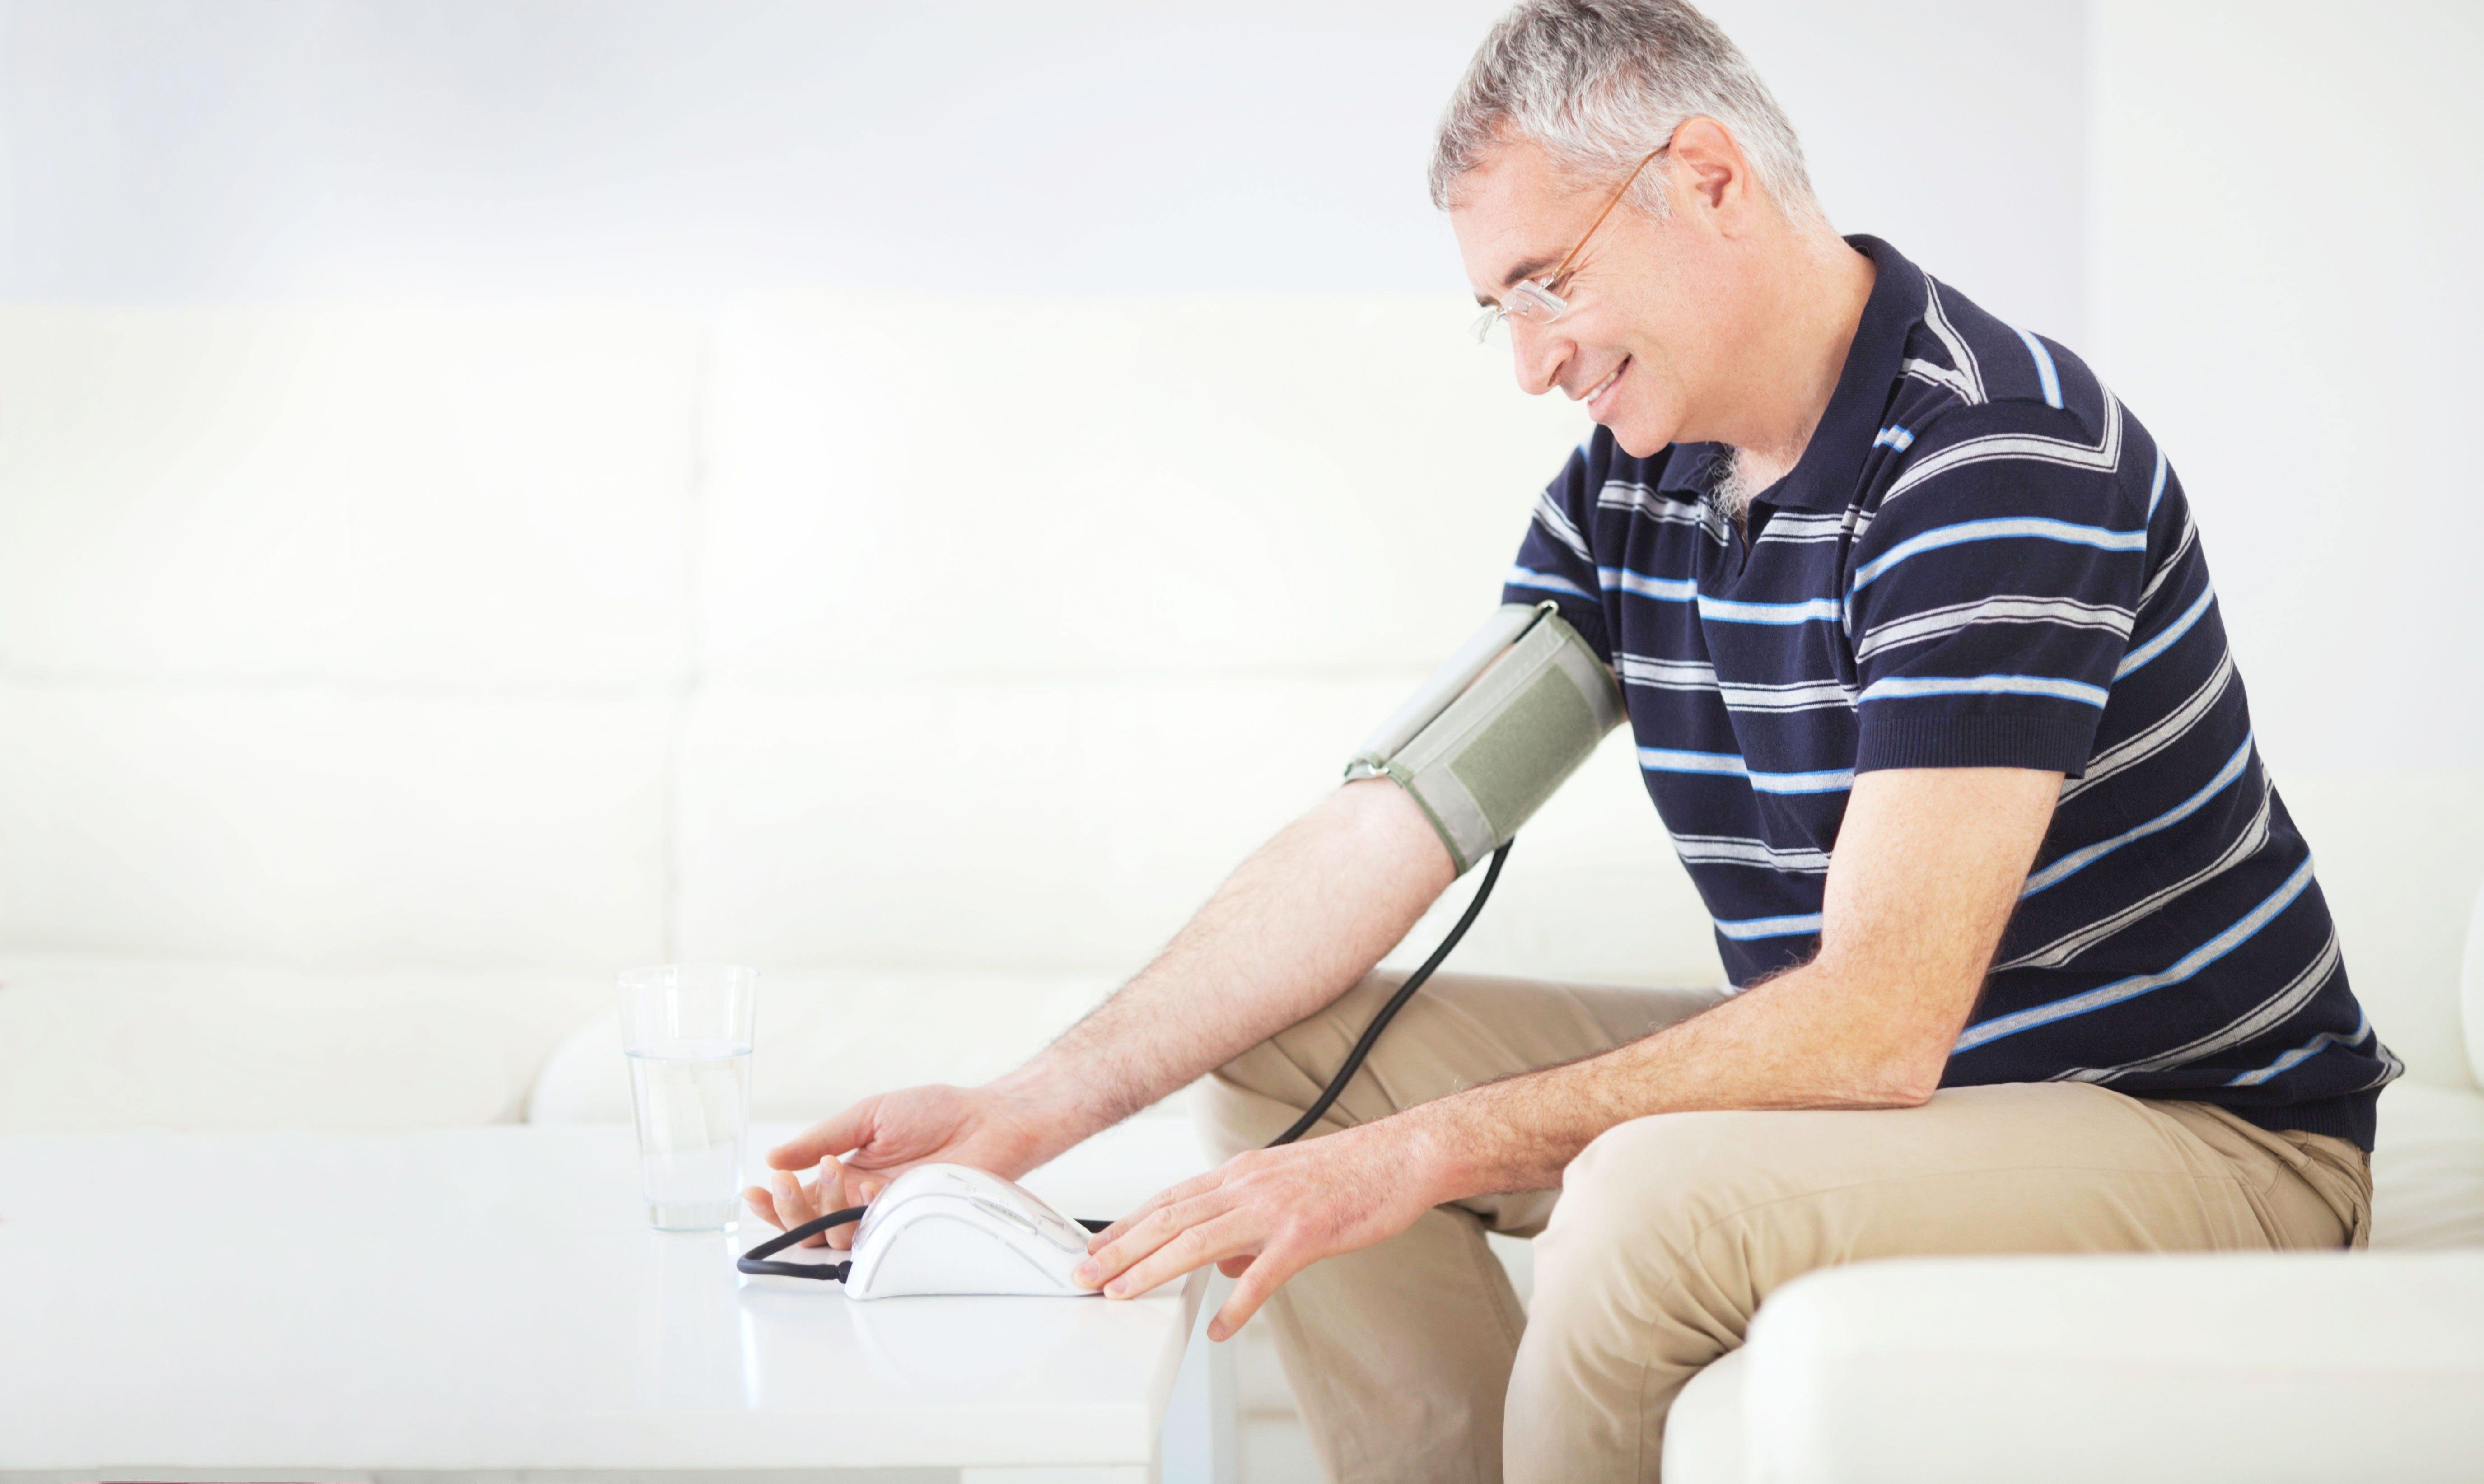 Svart att medicinera hogt blodtryck